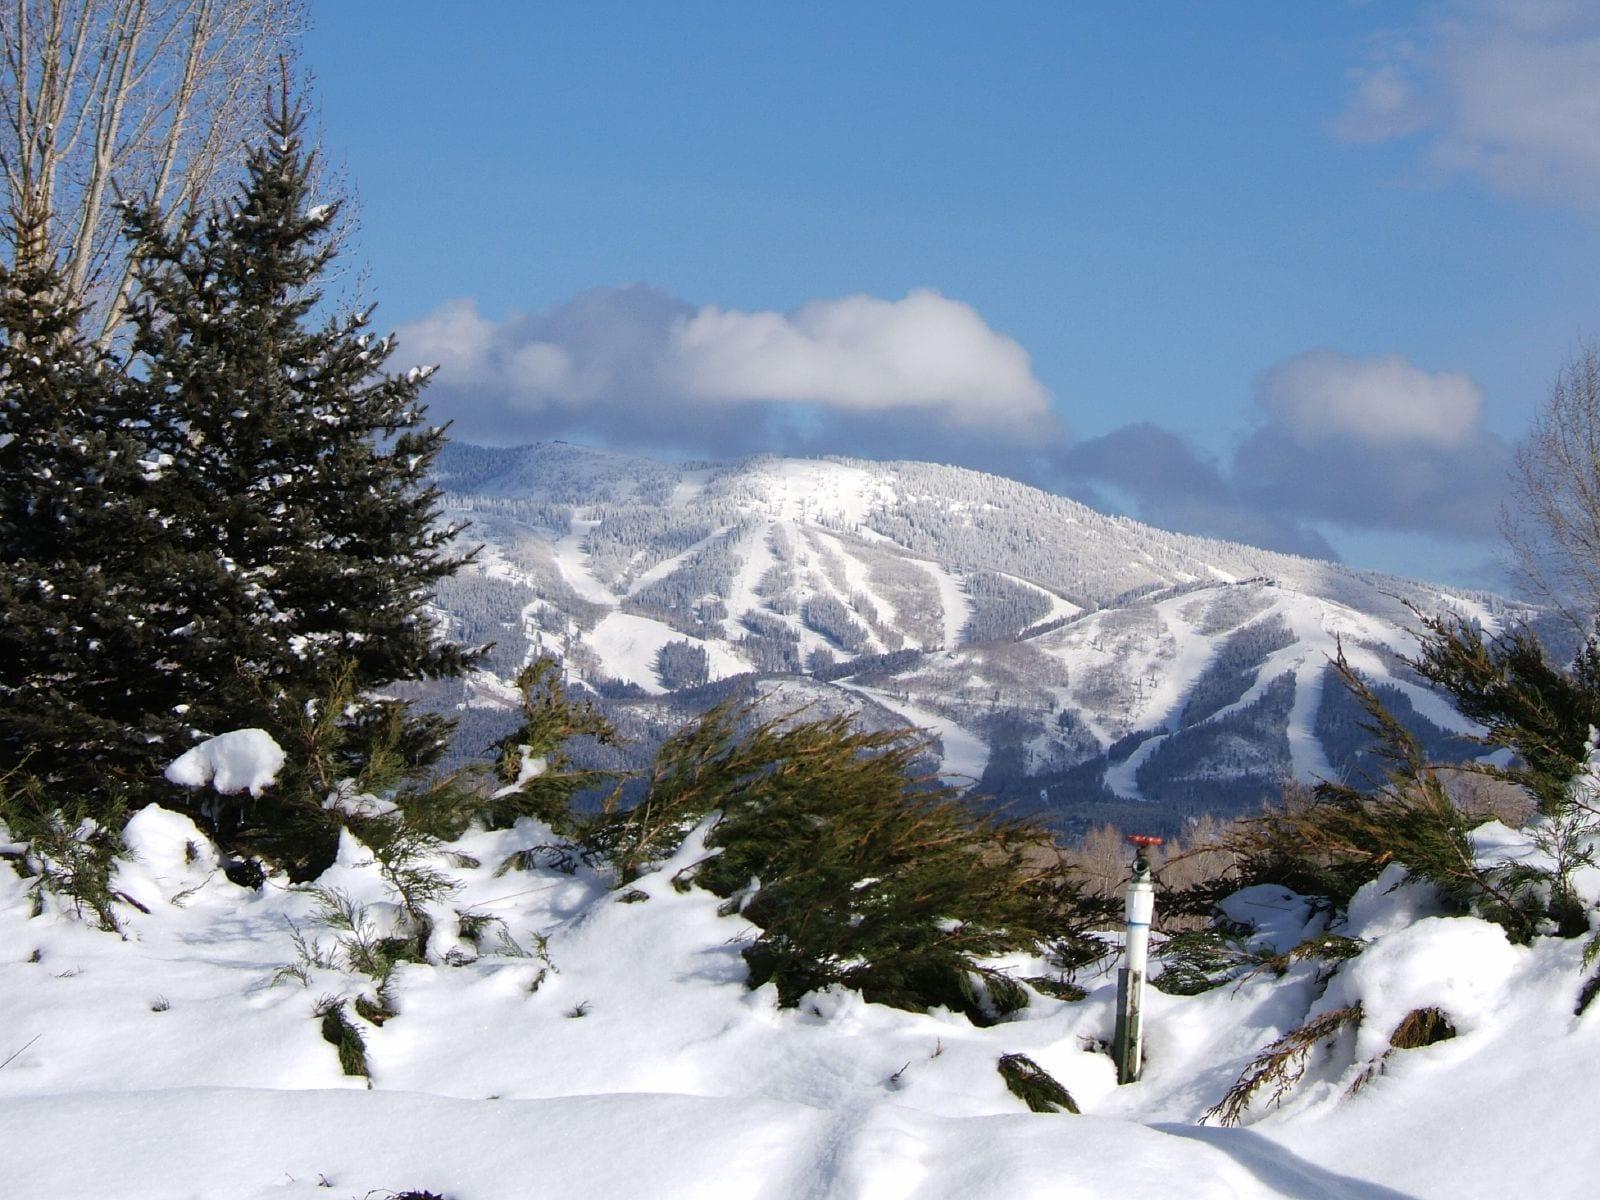 Steamboat Ski Resort Winter View